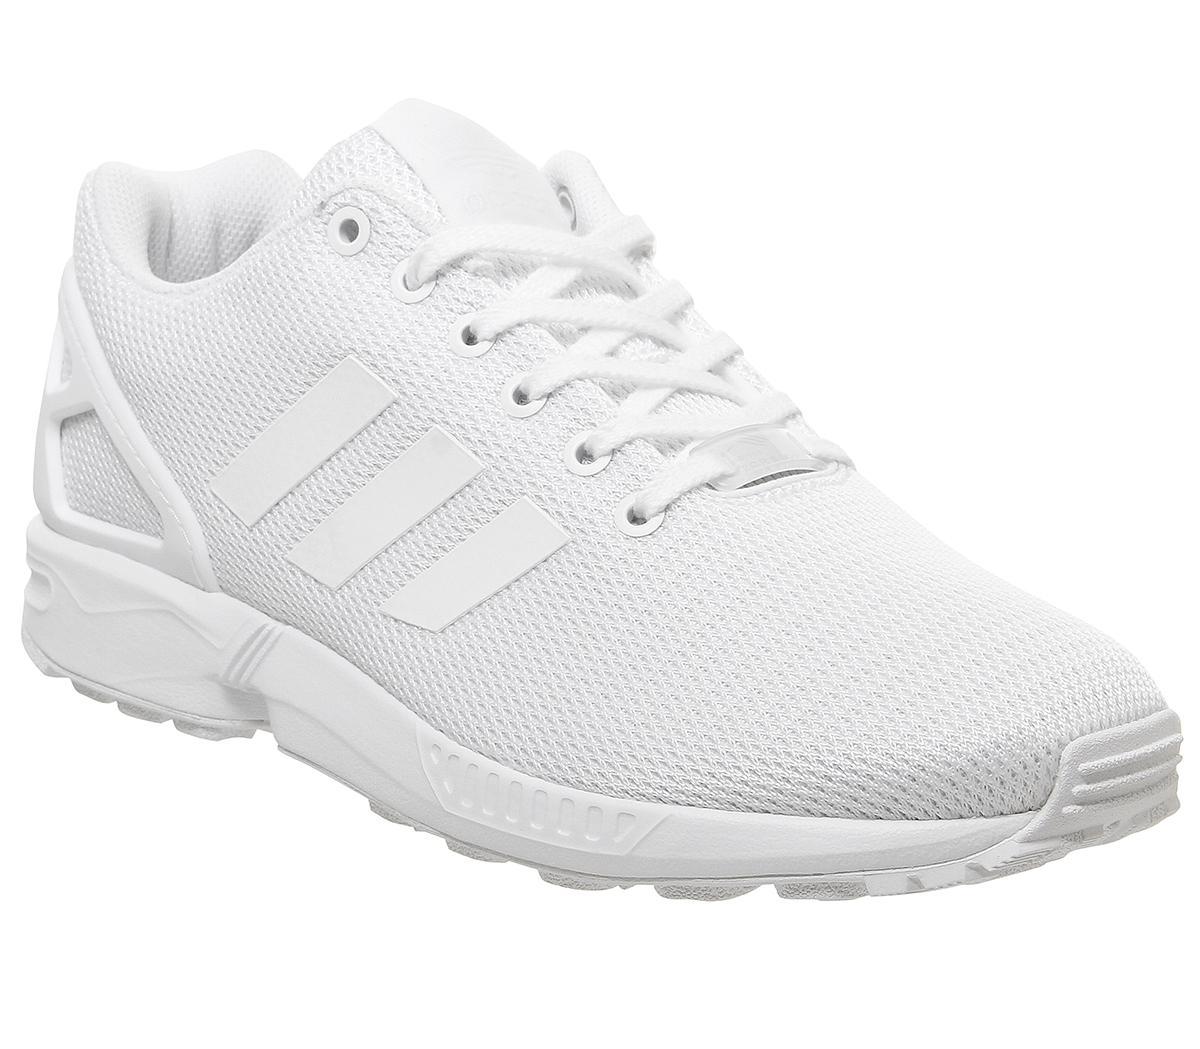 adidas Zx Flux White - Unisex Sports